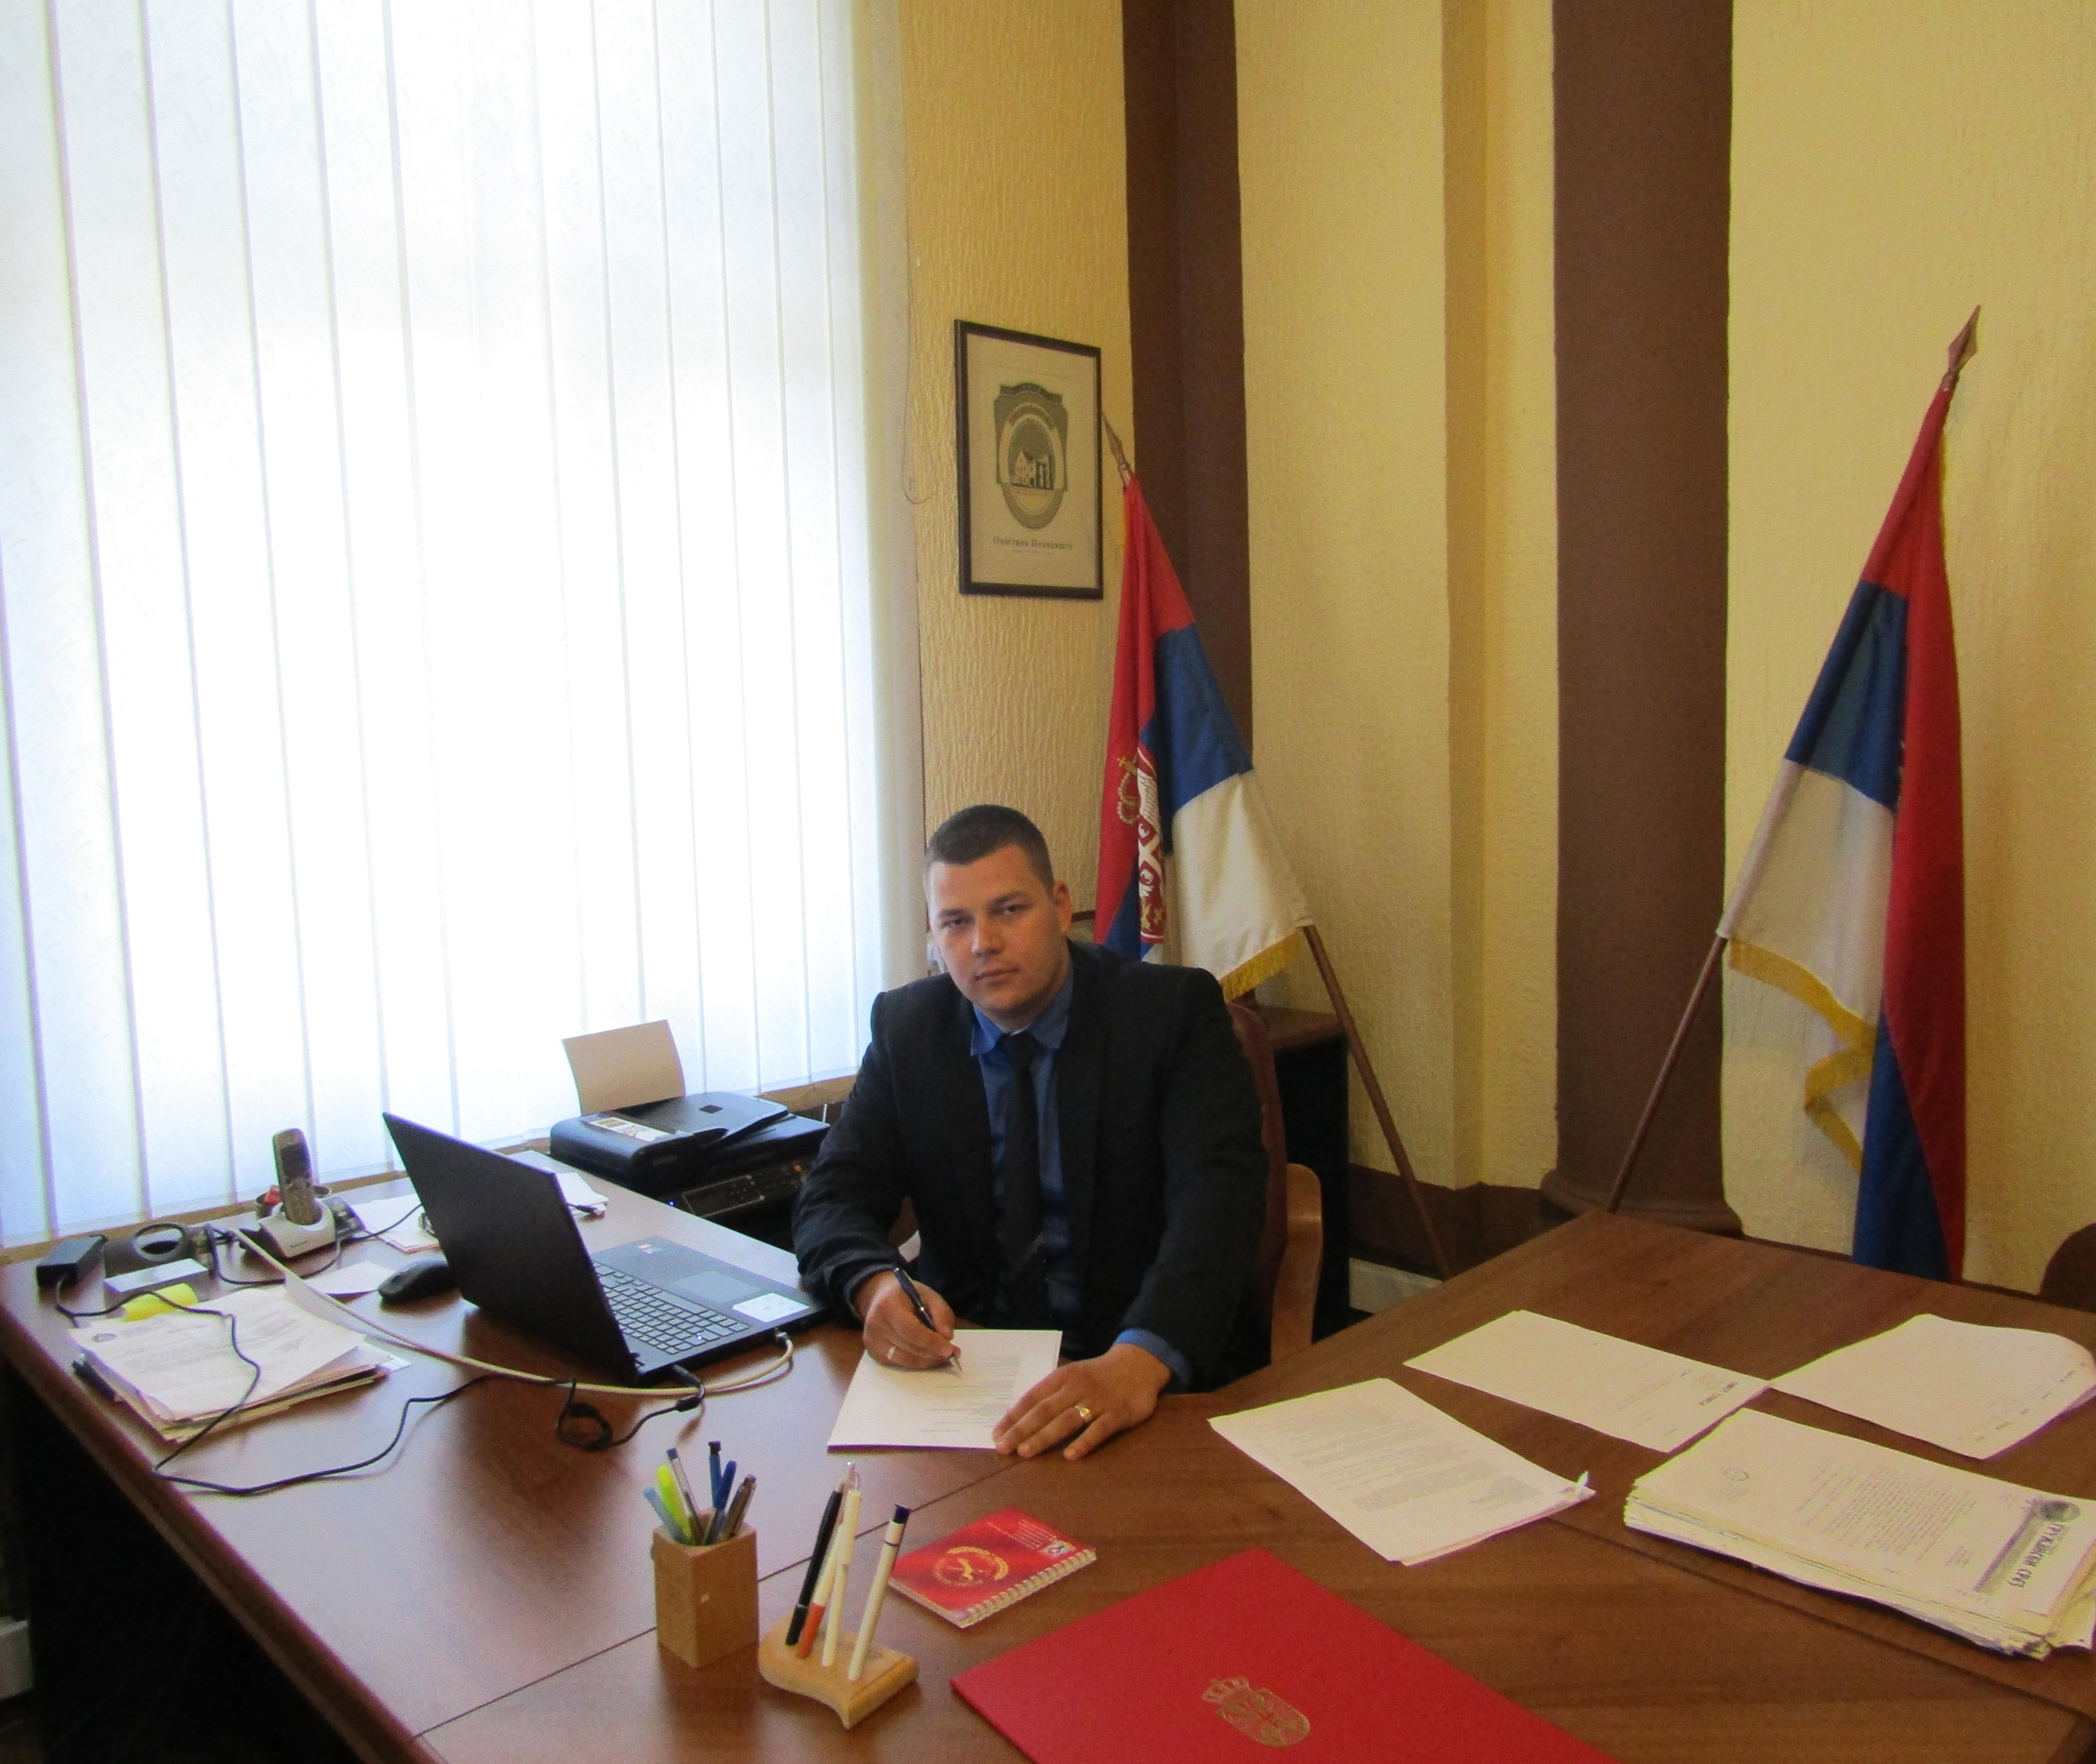 Јован Репац, Председник Општине Пландиште